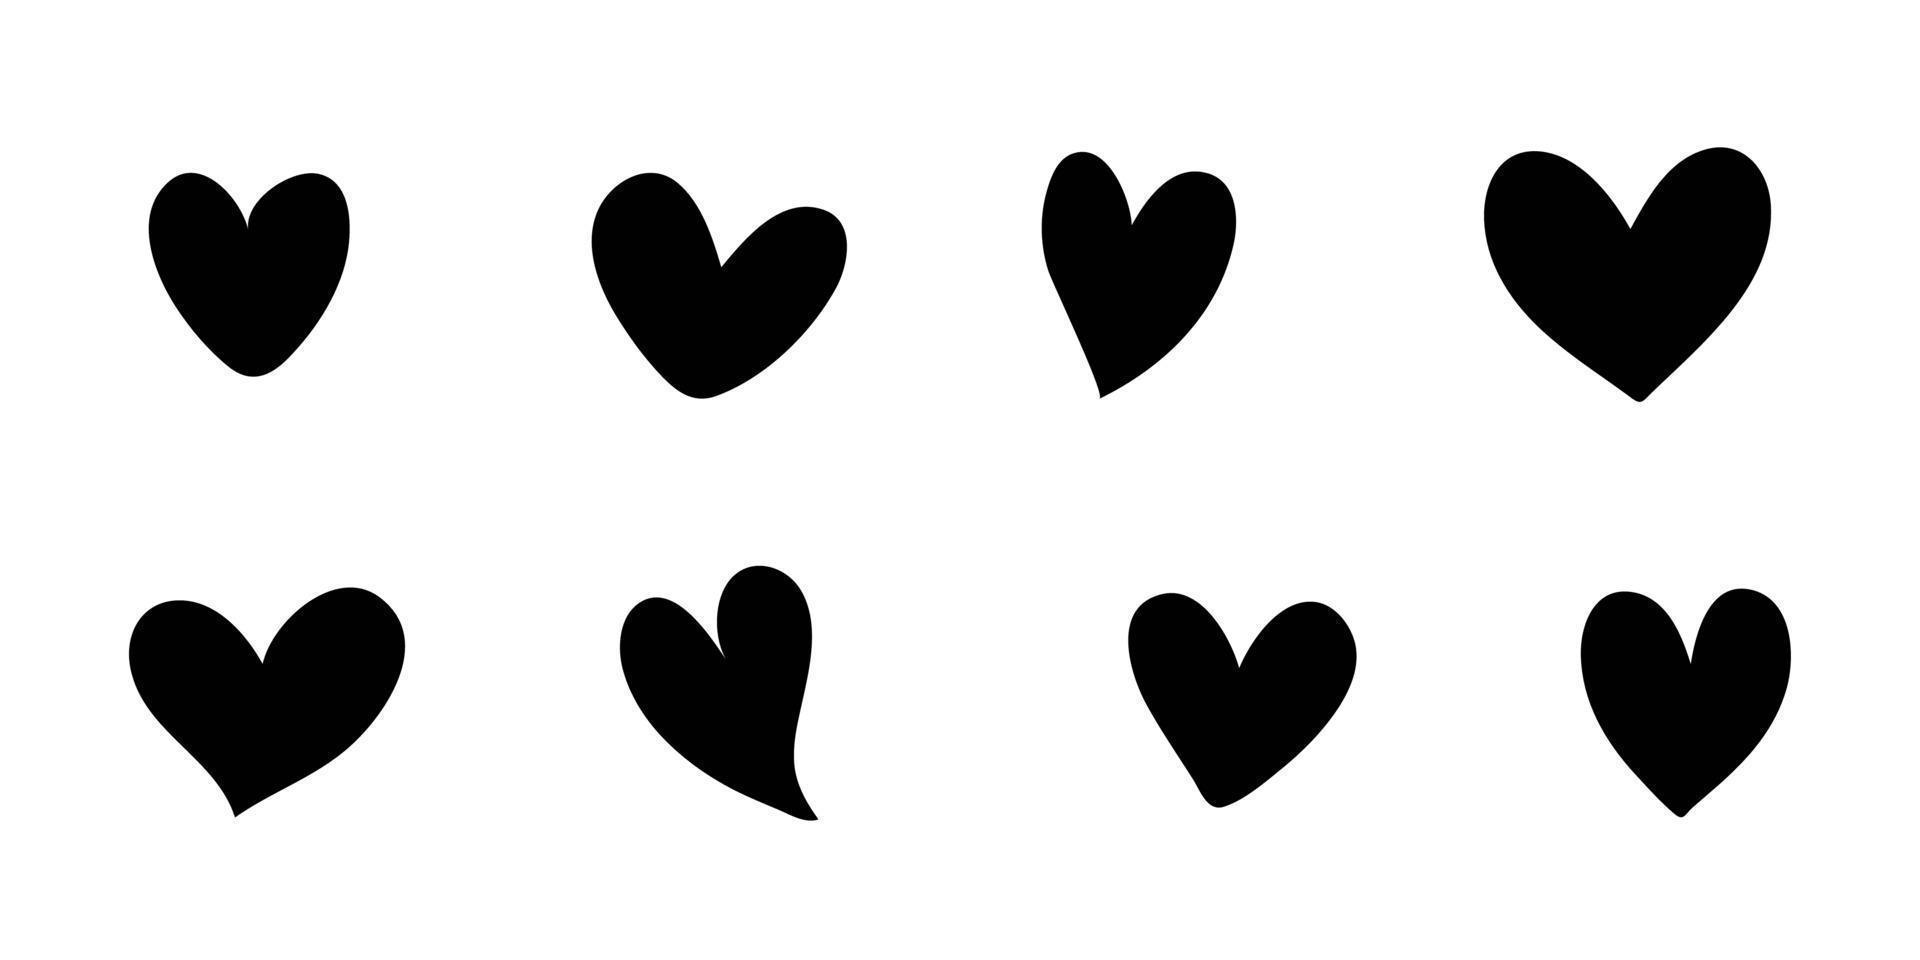 conjunto de símbolos de coração de amor dia dos namorados isolado vetor pacote ícones desenhados à mão